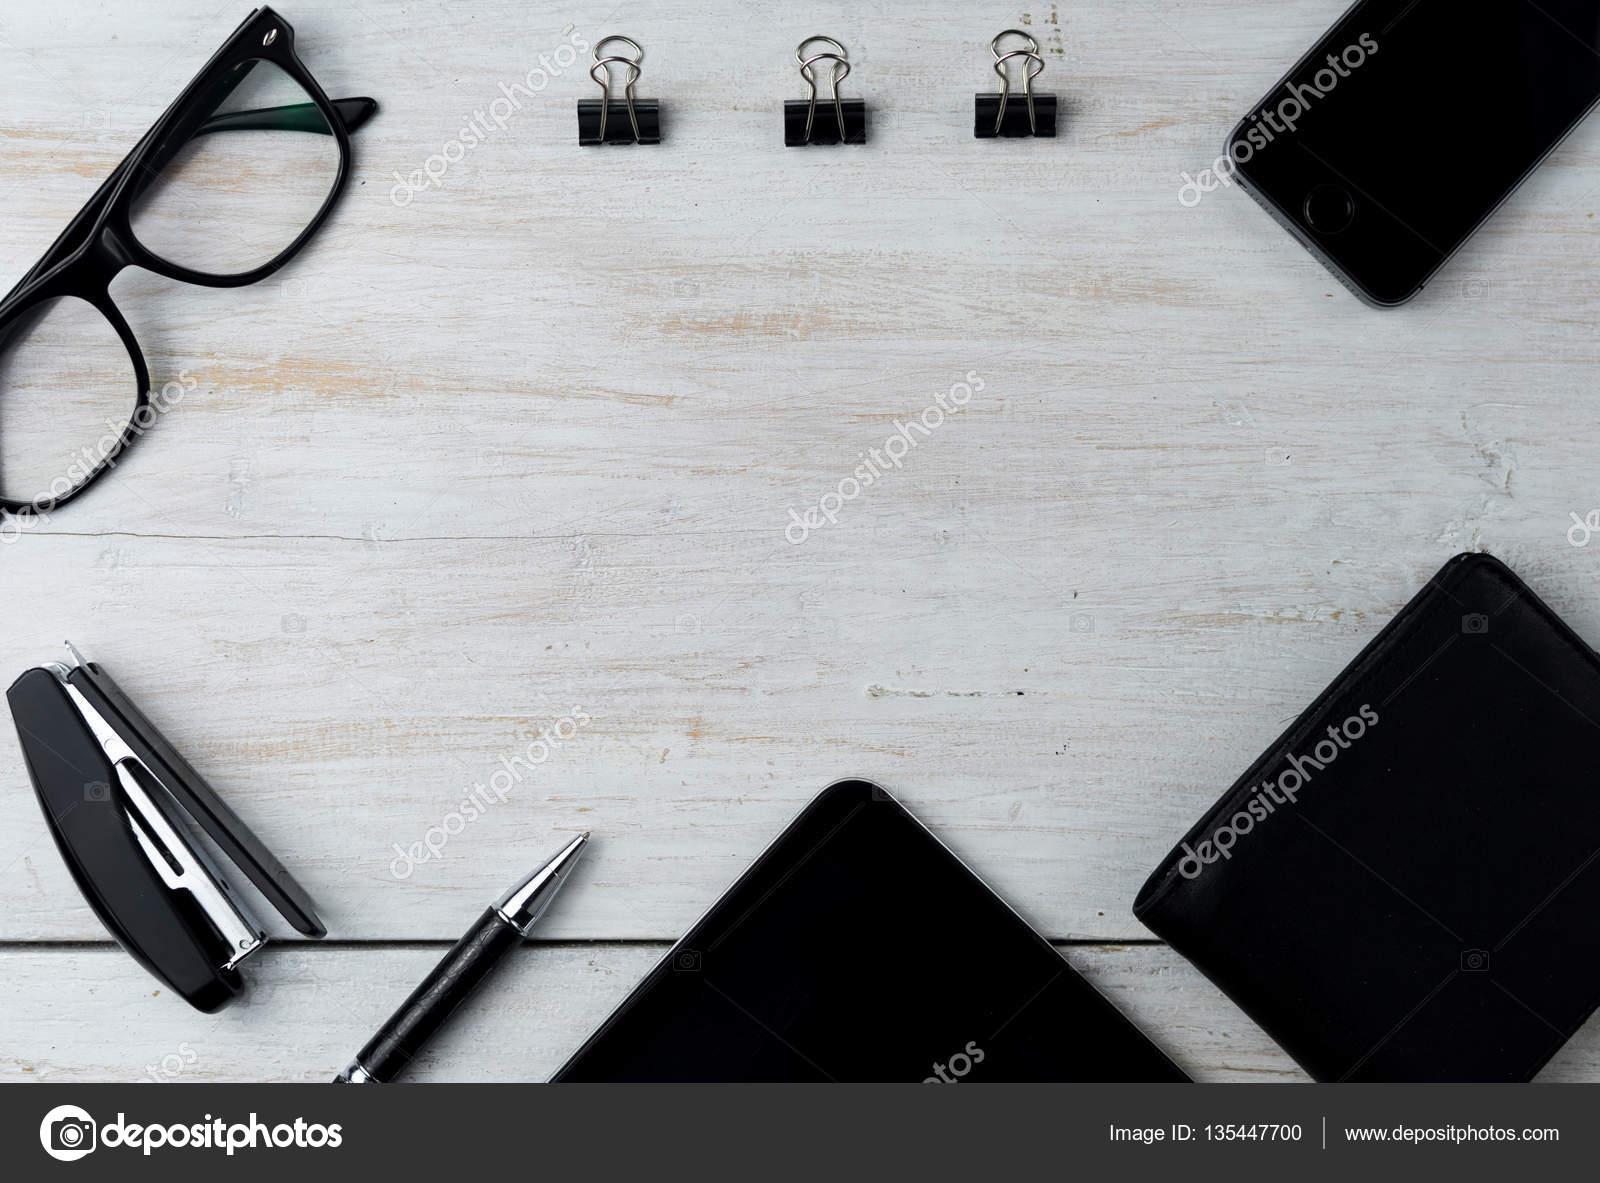 b3182f33210 현대 남성 액세서리와 흰색 노트북 — 스톡 사진 © vladymyr #135447700